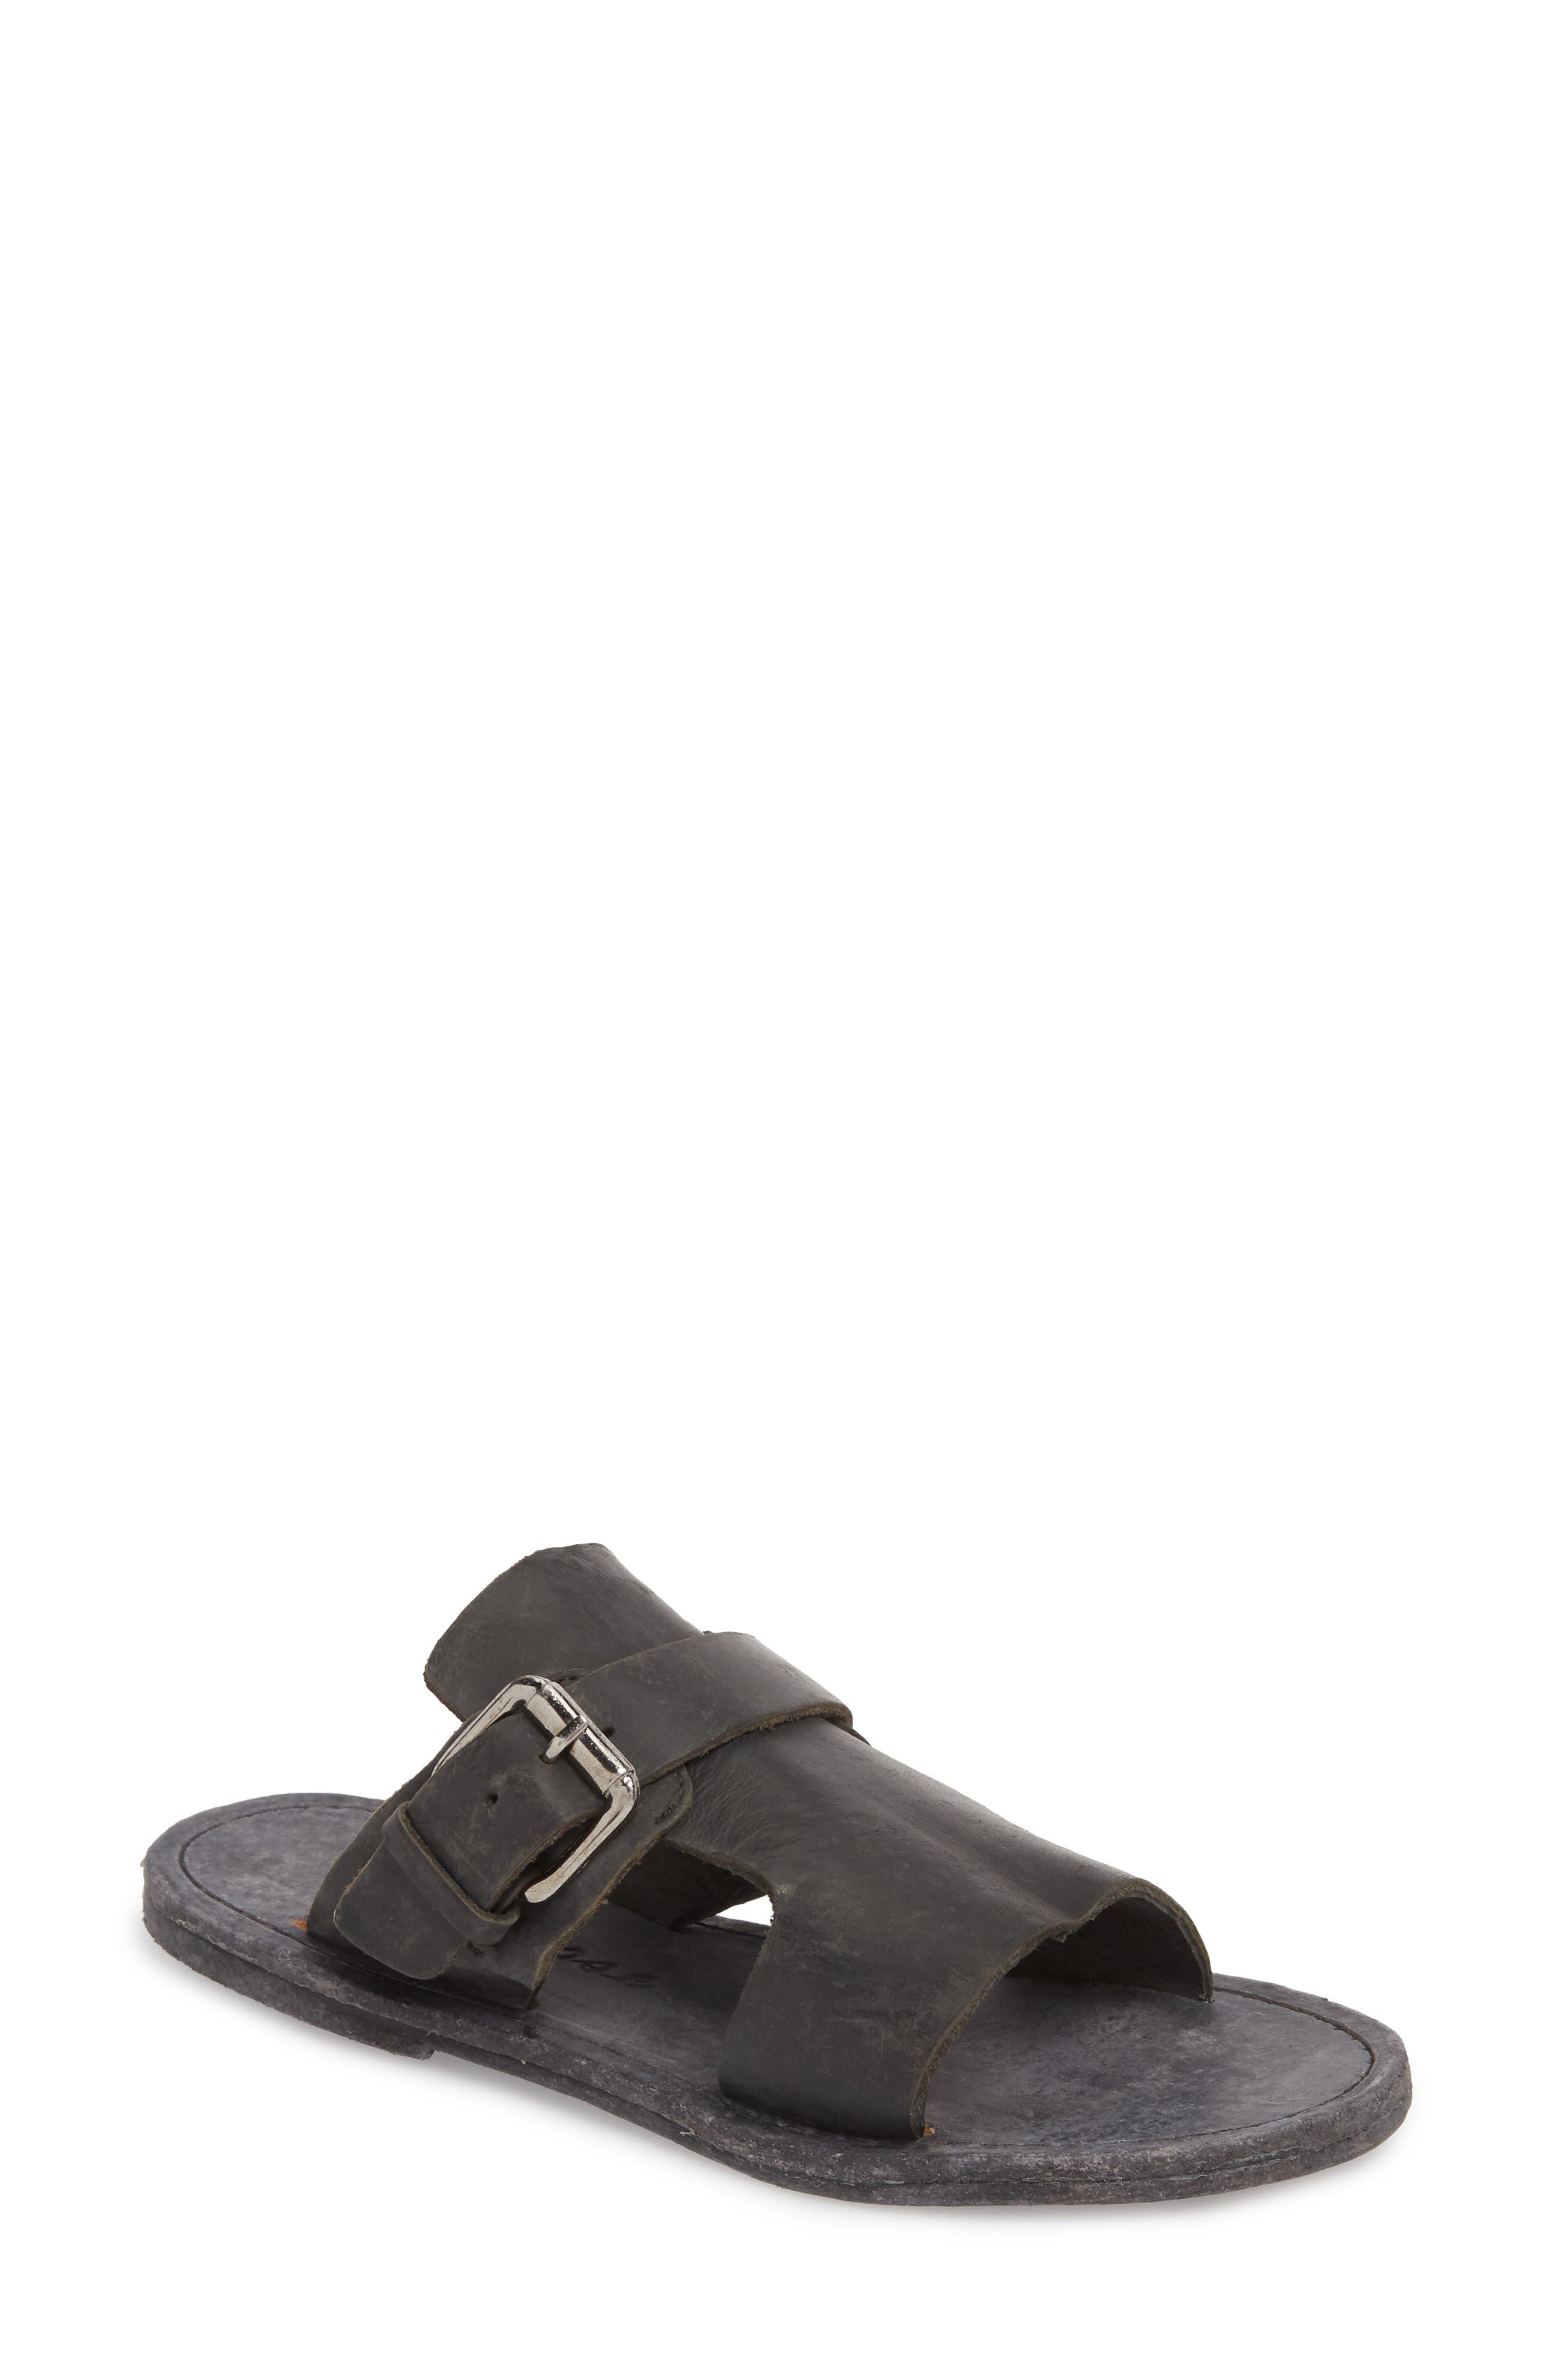 Matisse Abbie Slide Sandal, Black